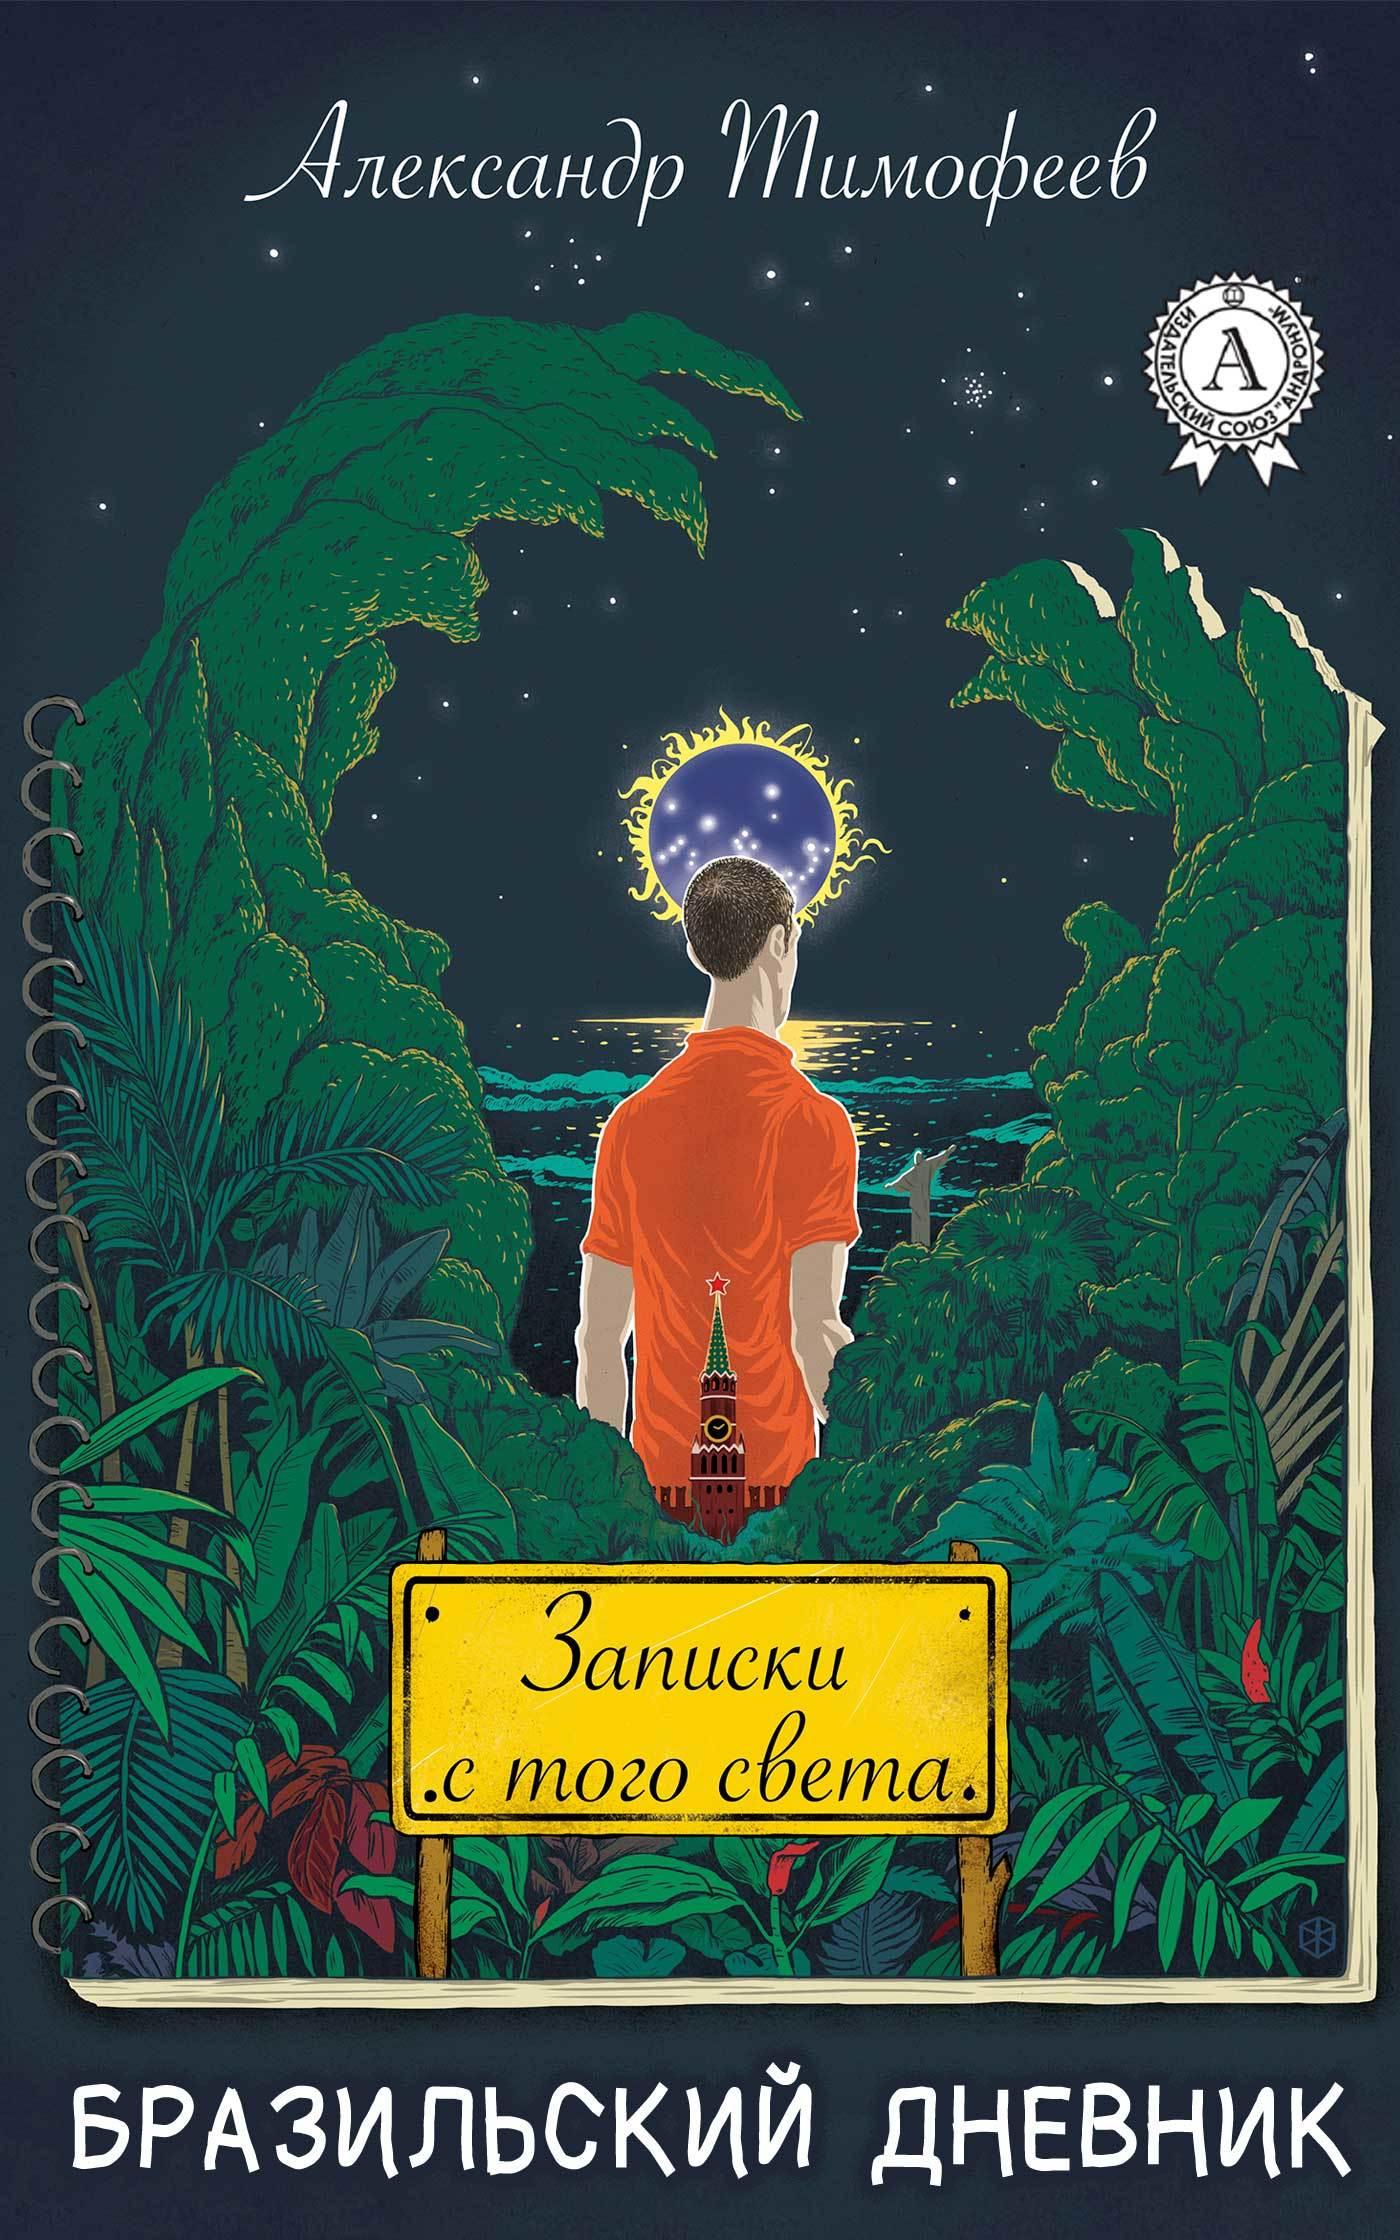 Записки с того света (бразильский дневник) развивается романтически и возвышенно